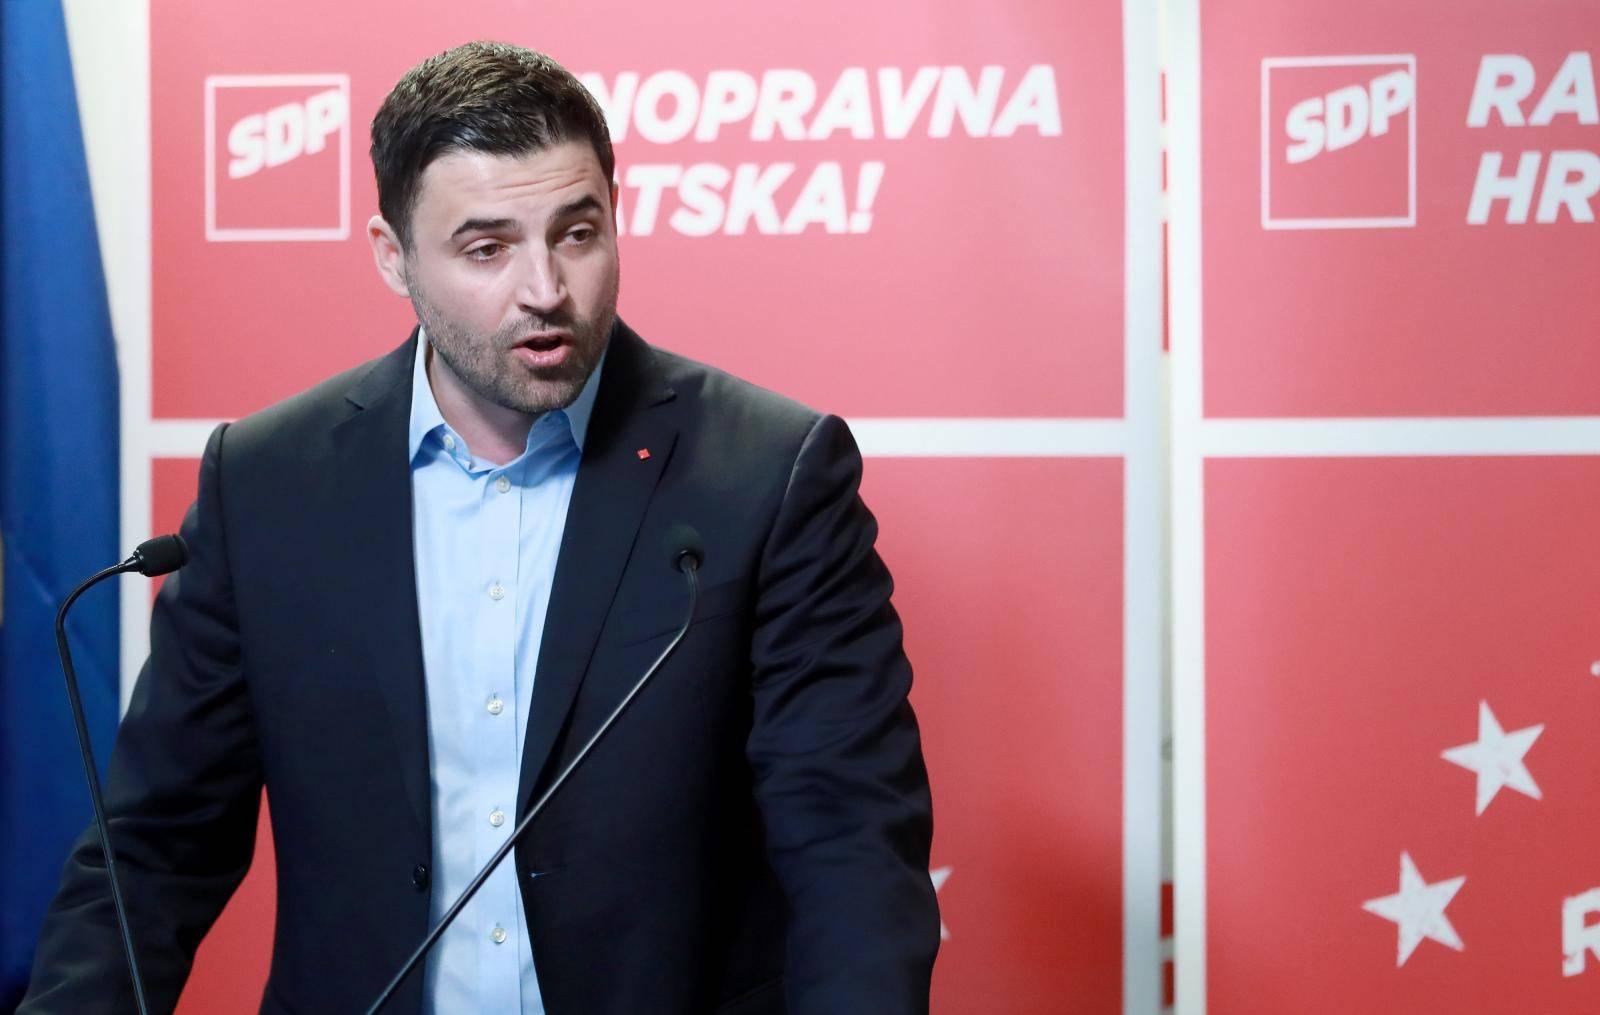 'SDP prihvaća veliku koaliciju jedino s građanima Hrvatske'